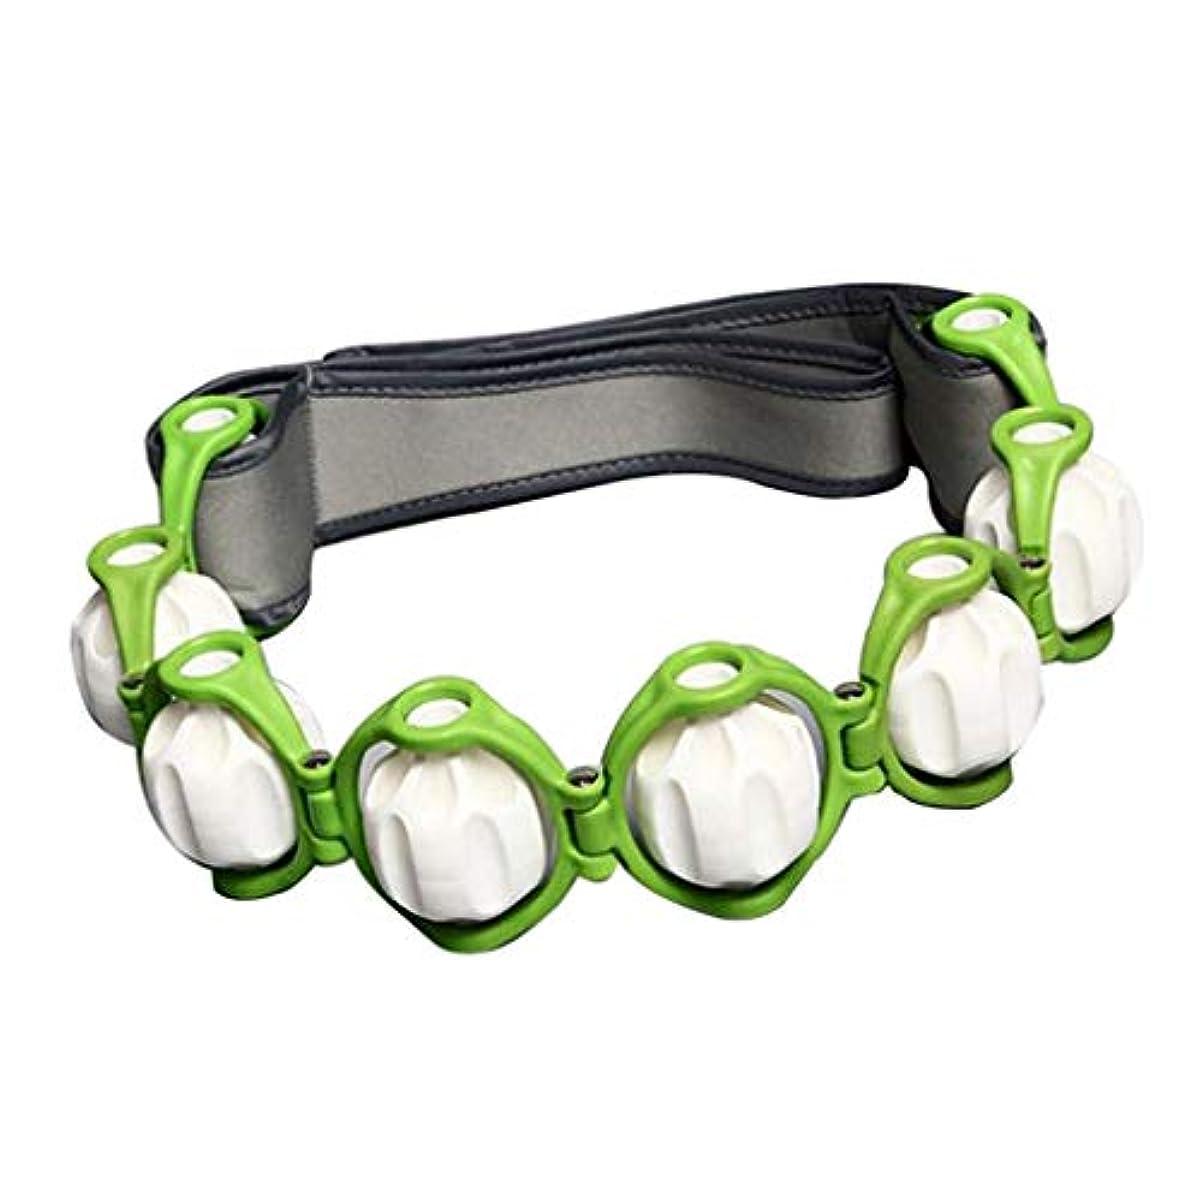 染料黒くする節約トリガーポイントノードローリングボール付きハンドヘルドフルボディマッサージローラーロープ - 緑, 説明したように